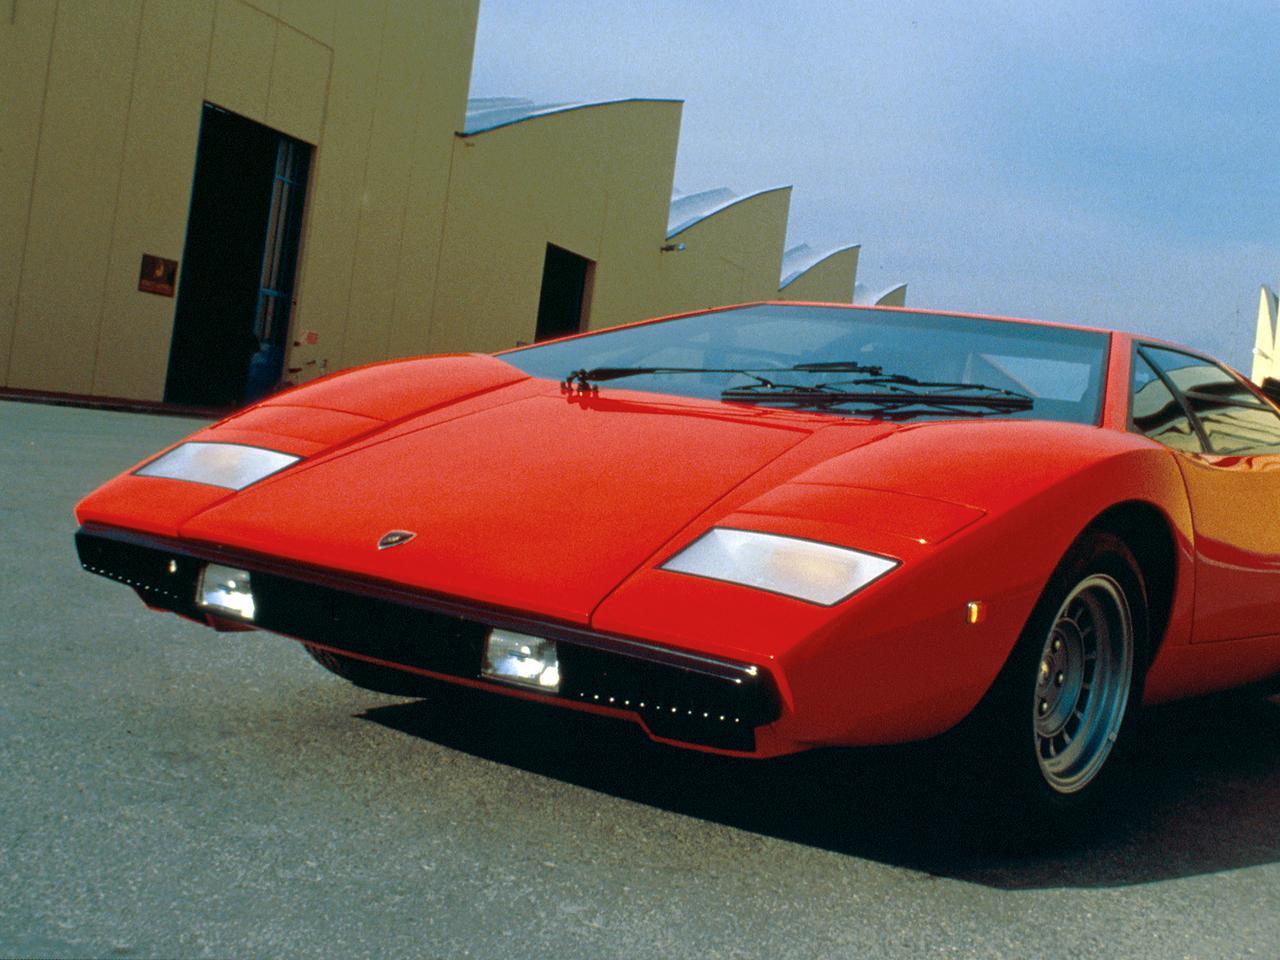 【スーパーカー年代記 003】ランボルギーニ カウンタックはスタイルでもメカニズムでも世界を驚愕させた